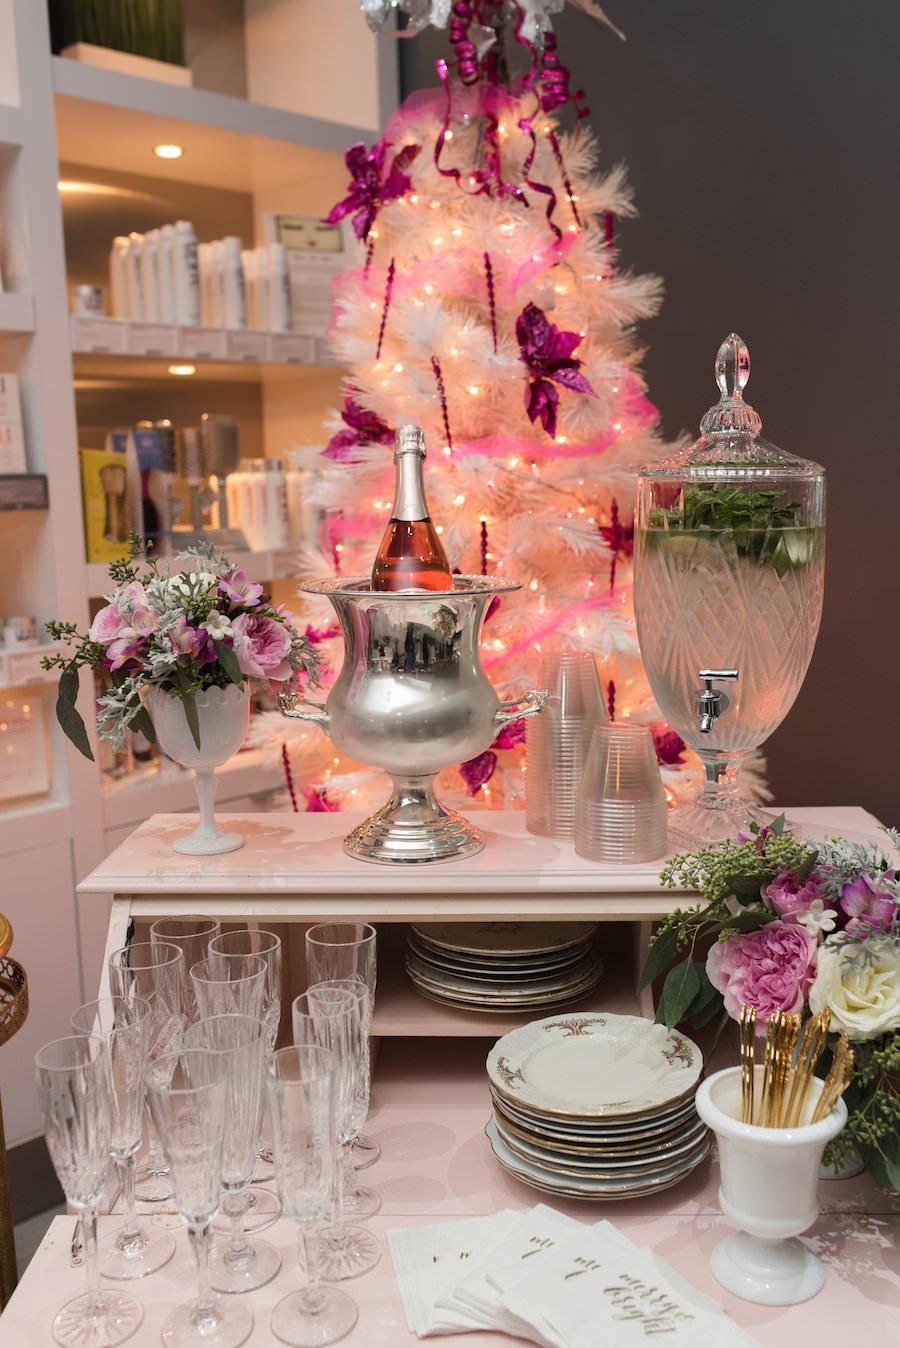 Vintage Furniture Champagne Bar   Tampa Bay Wedding Rentals Ever After Vintage Weddings   Caroline & Evan Photography